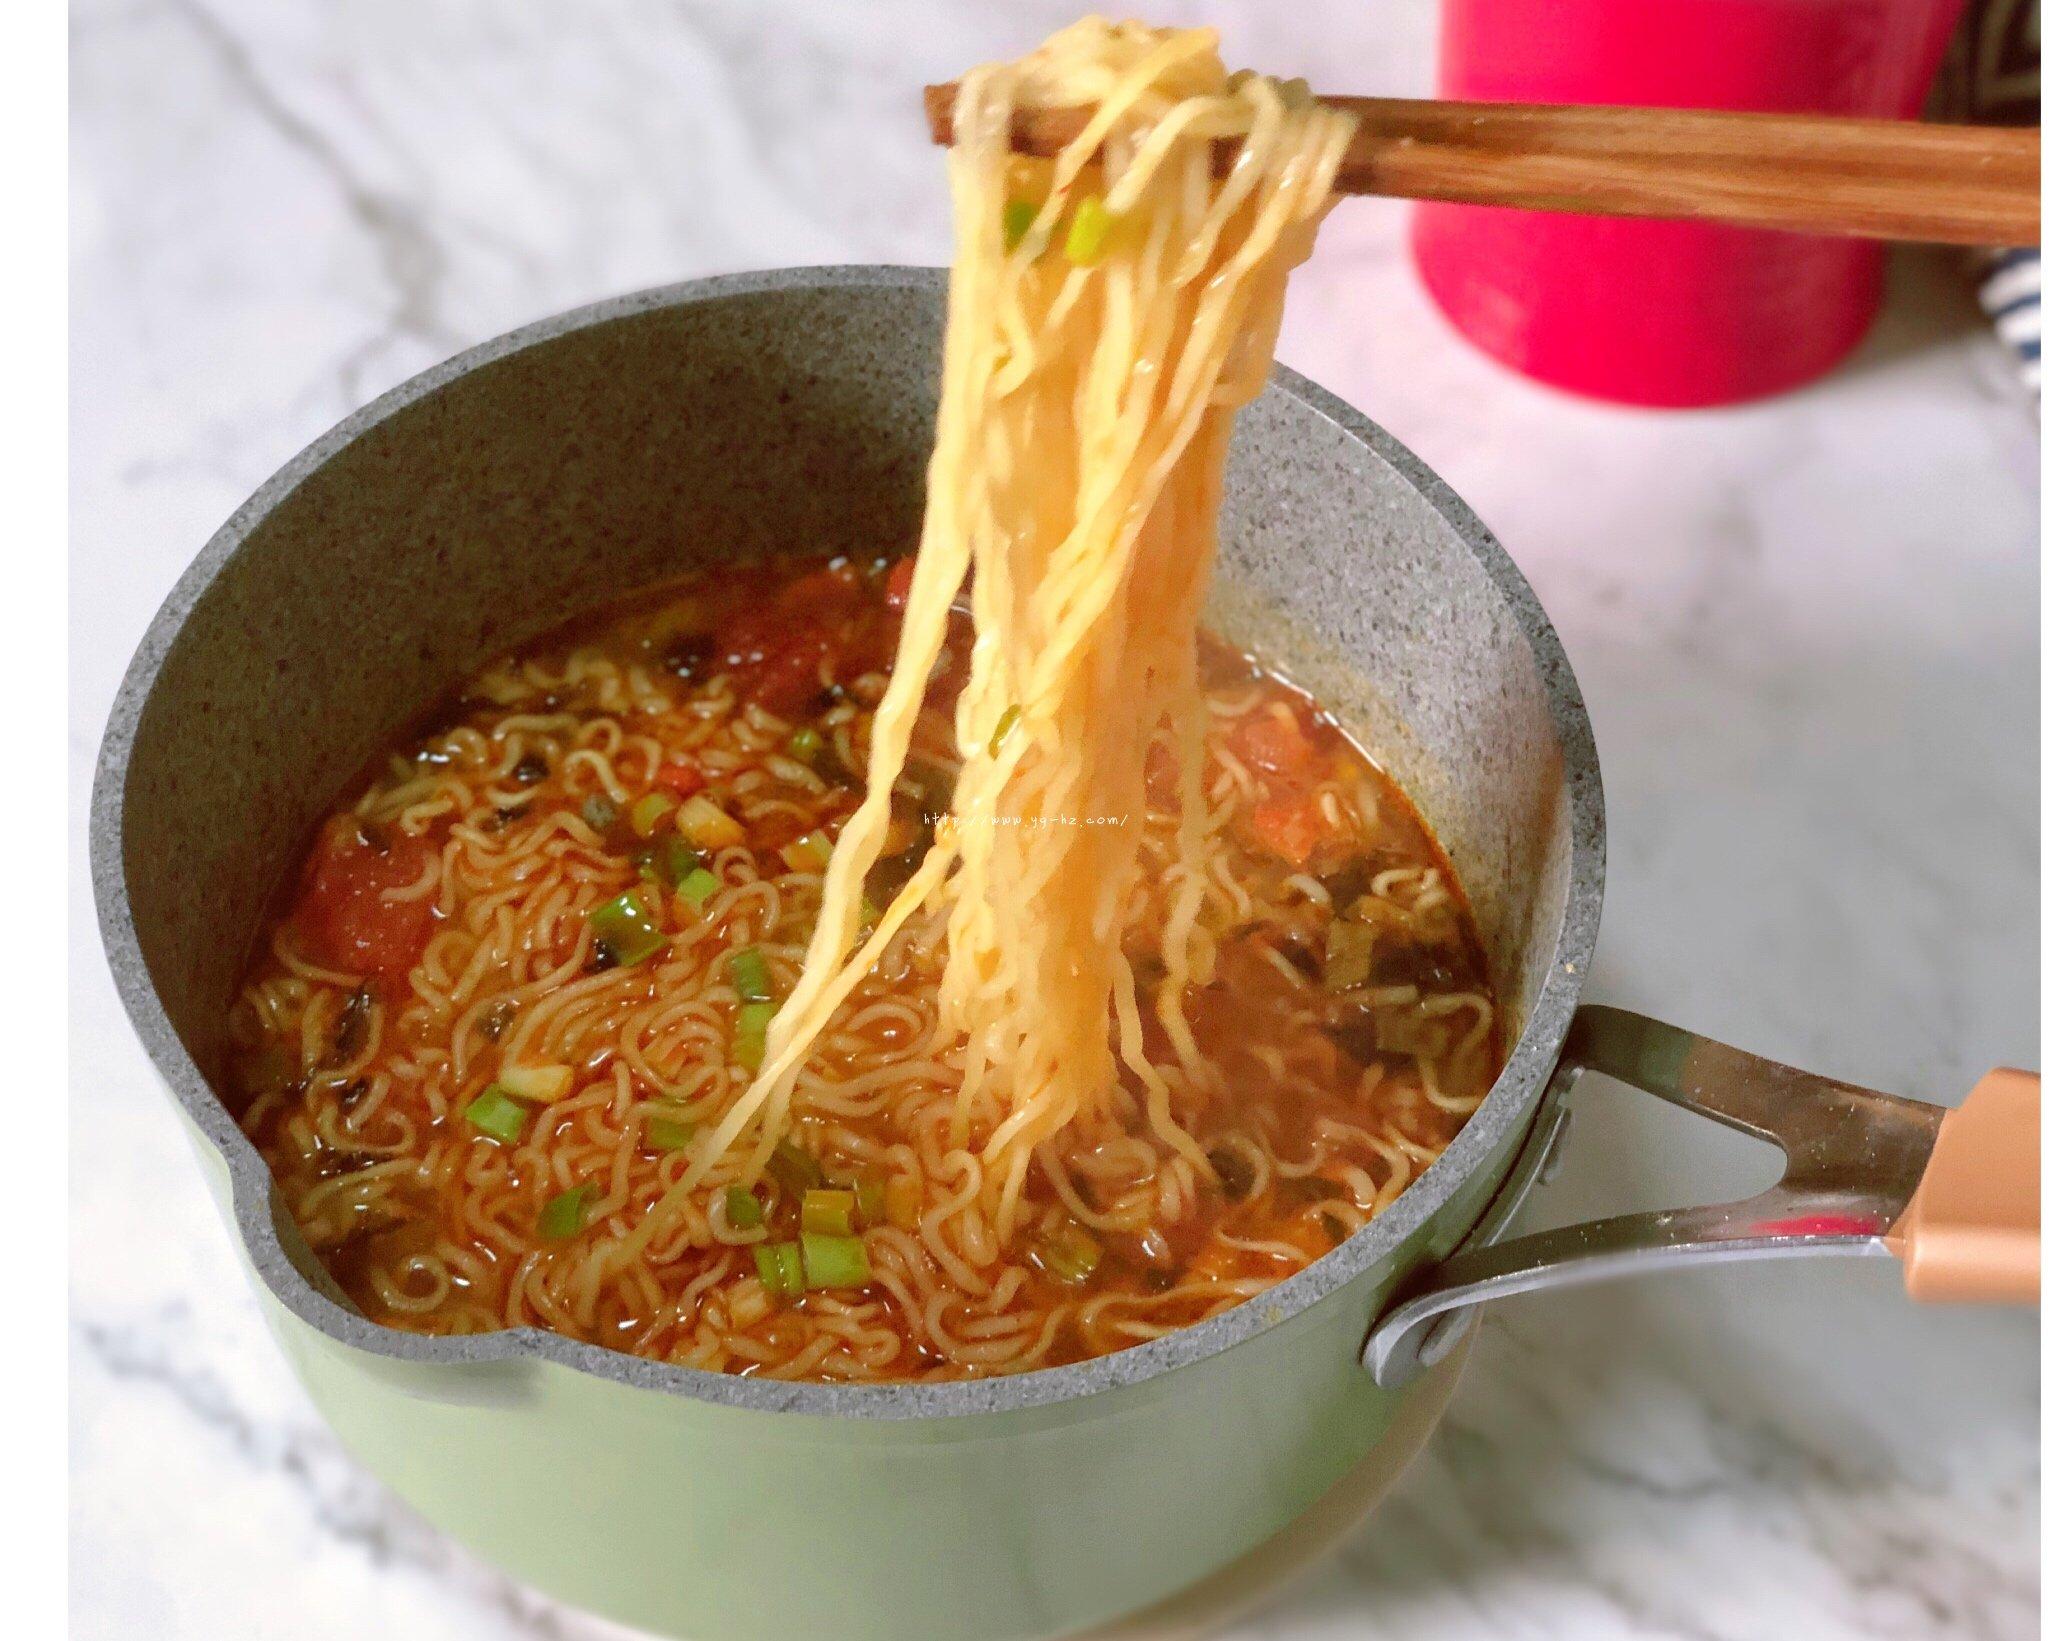 超好吃的西红柿浓汤泡面的做法